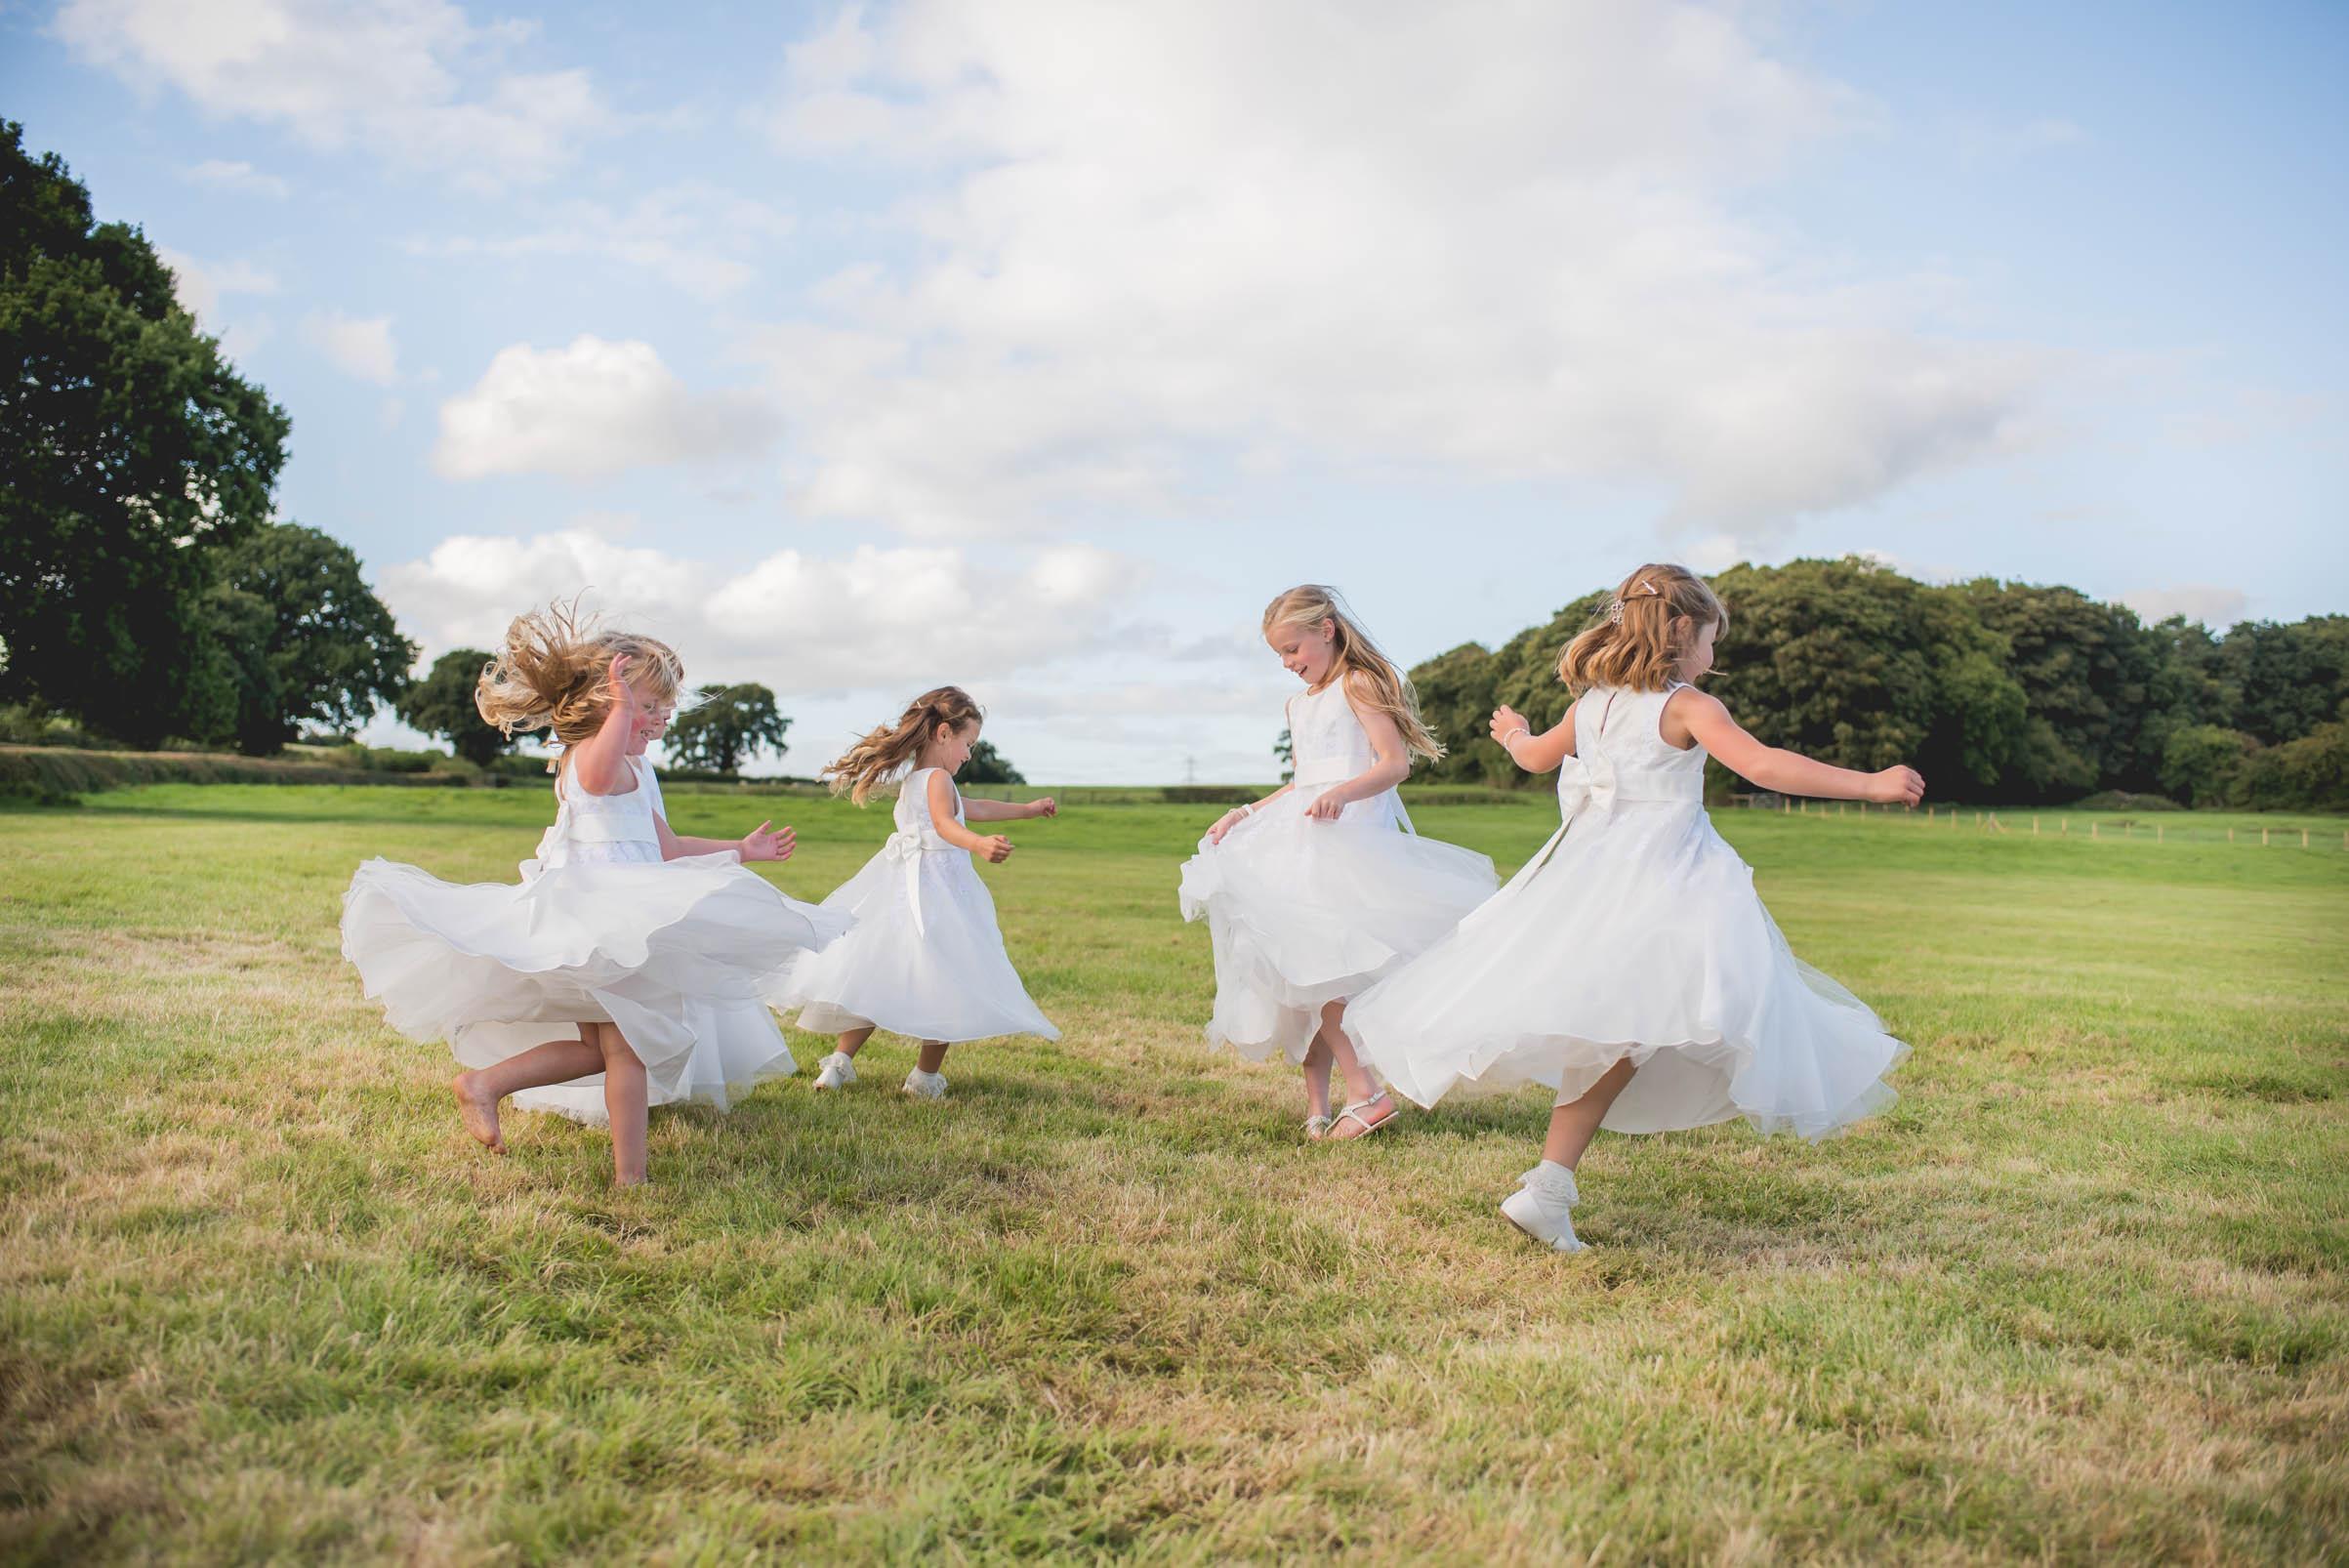 Farm-wedding-staffordshire-st-marys-catholic-church-uttoxter-114.jpg